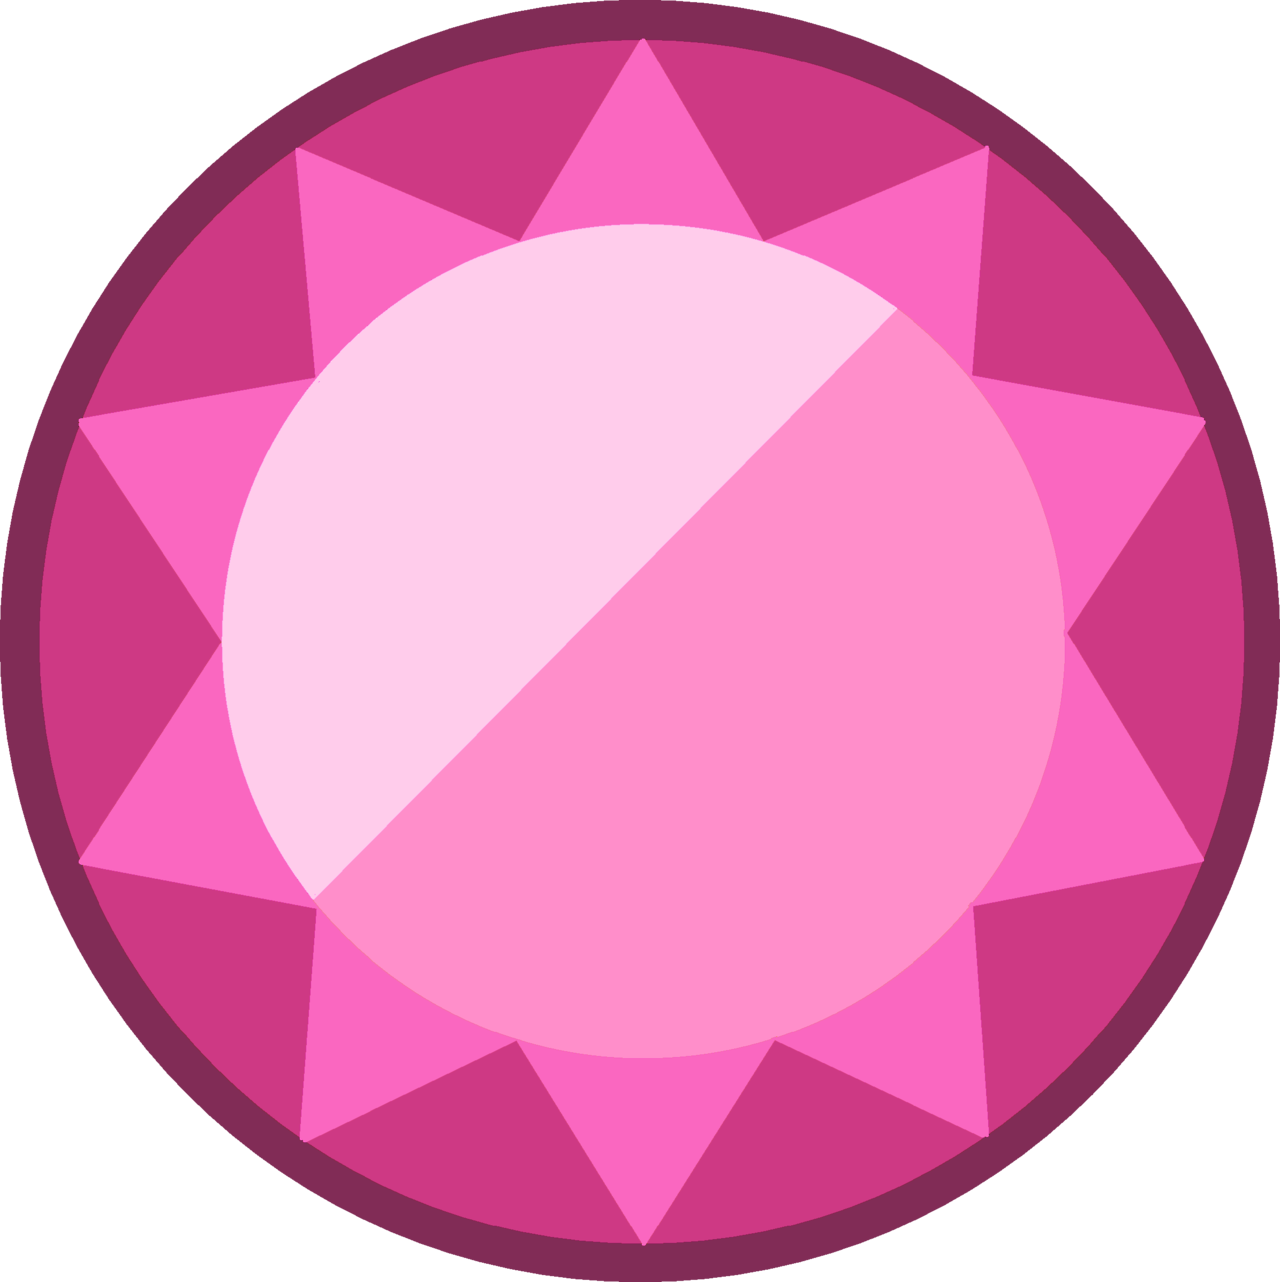 Oval oval gem